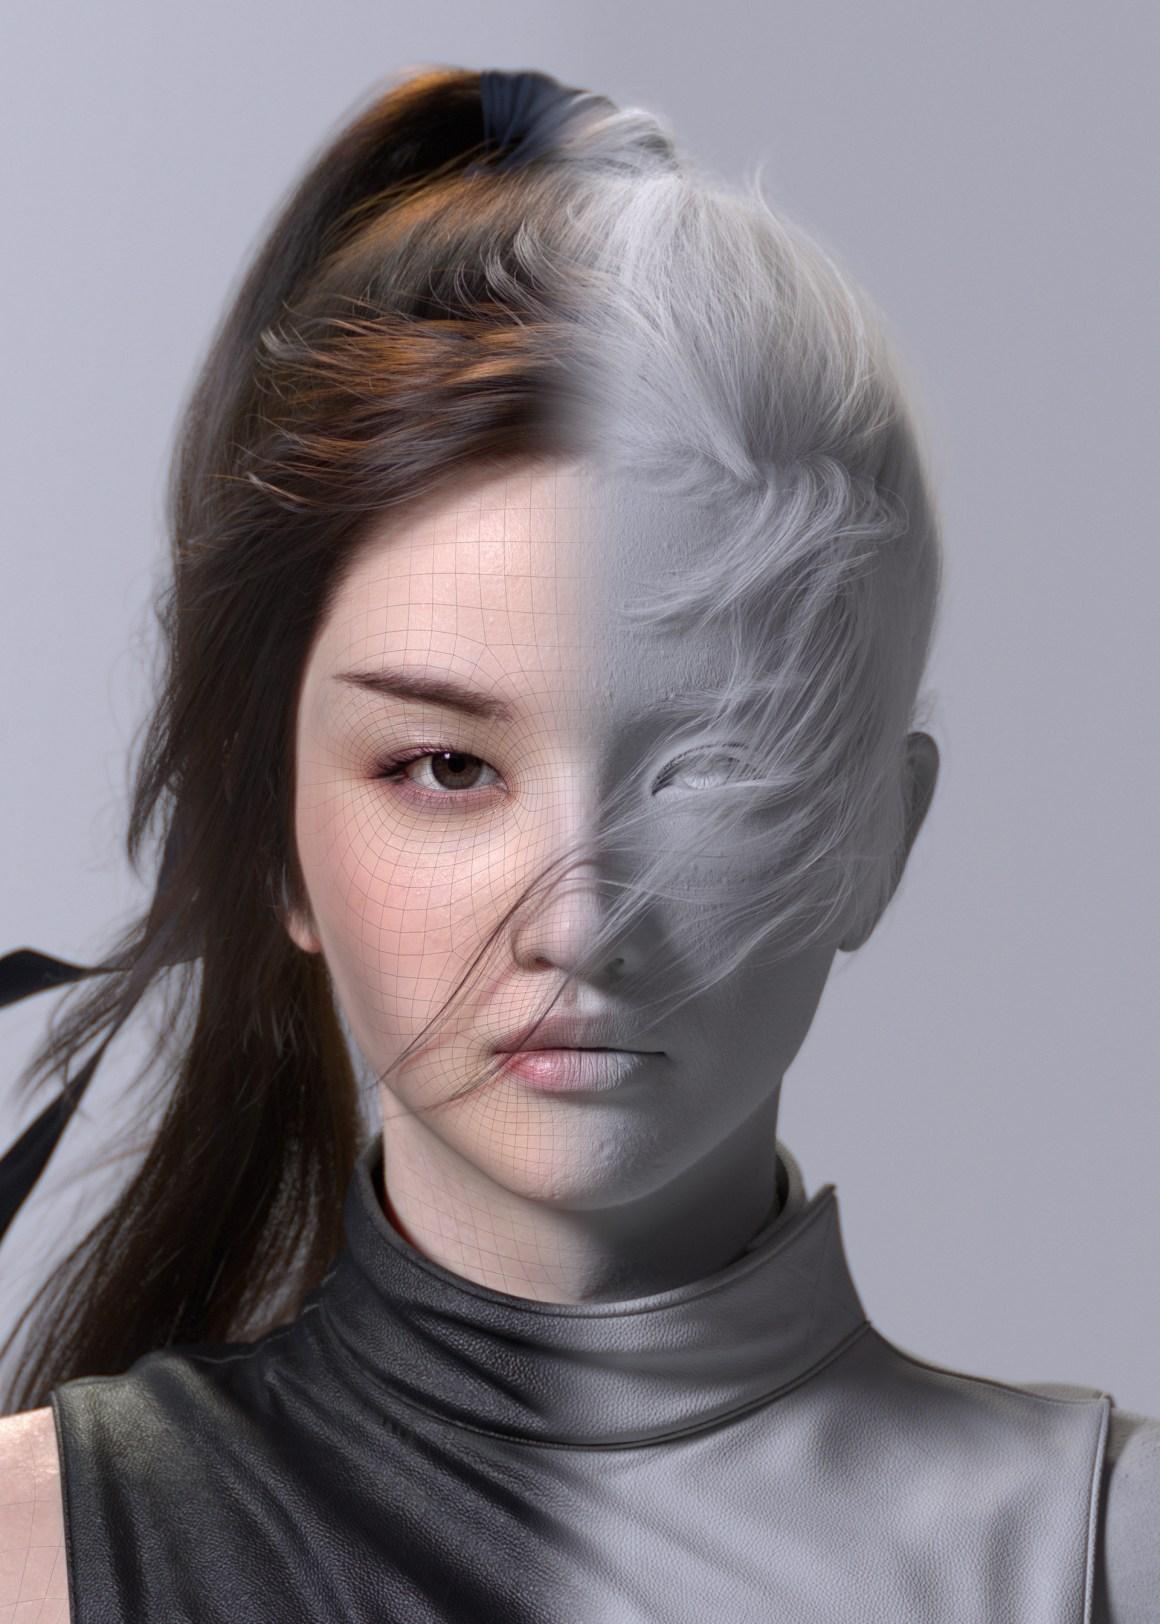 Liu yifei likeness as Mulan (FIN) in Maya by Jung won Park